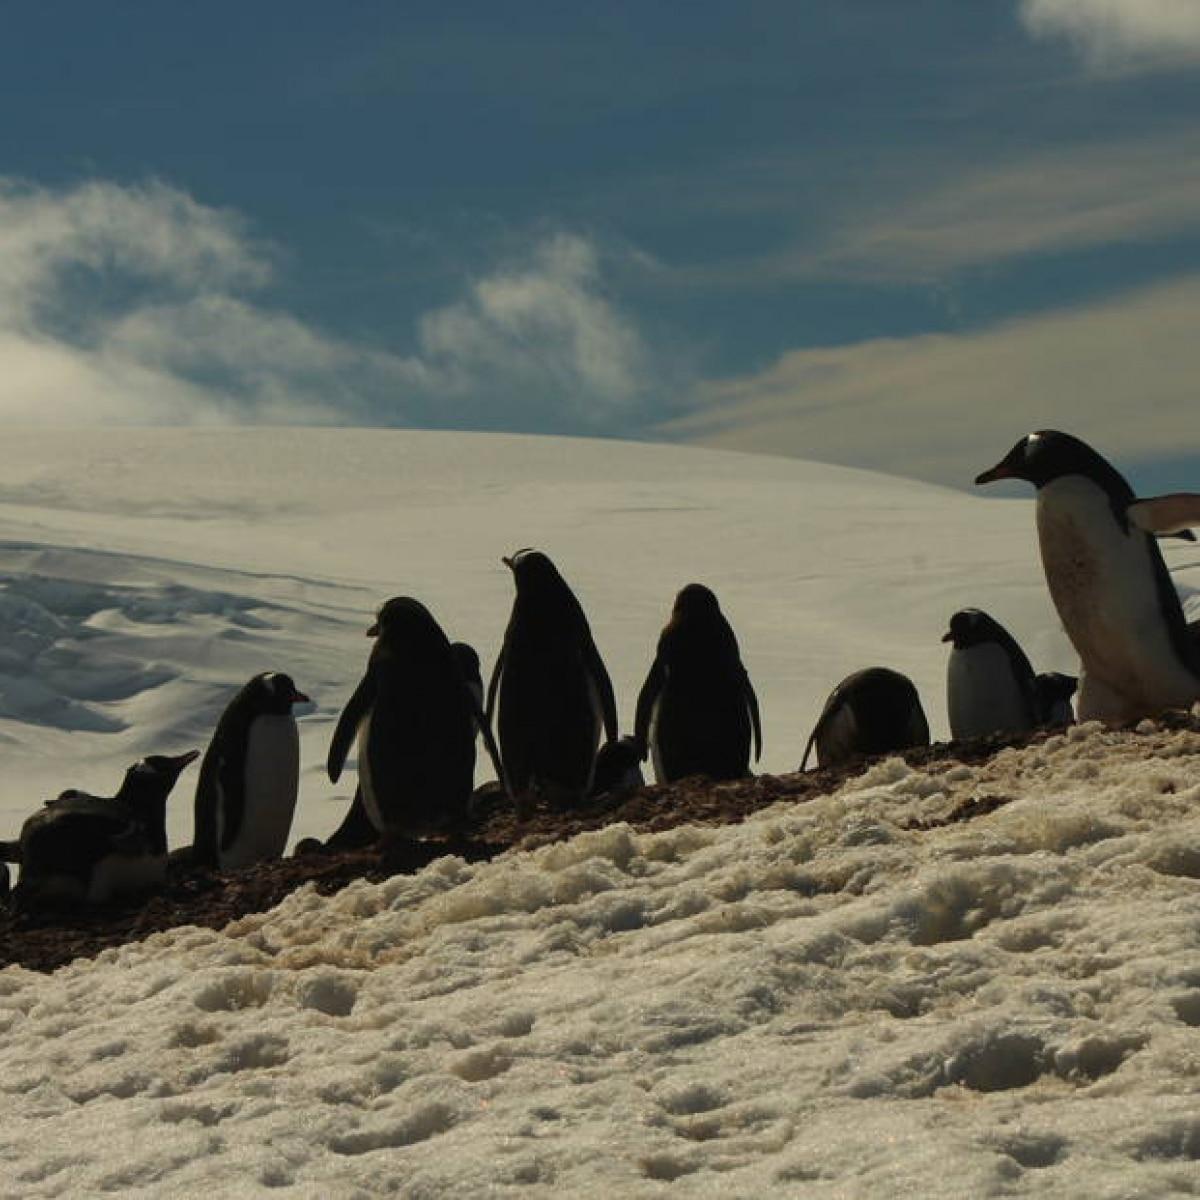 e3cbdeda1f Embarcamos num cruzeiro turístico rumo à Antártida - Viagem - Estadão